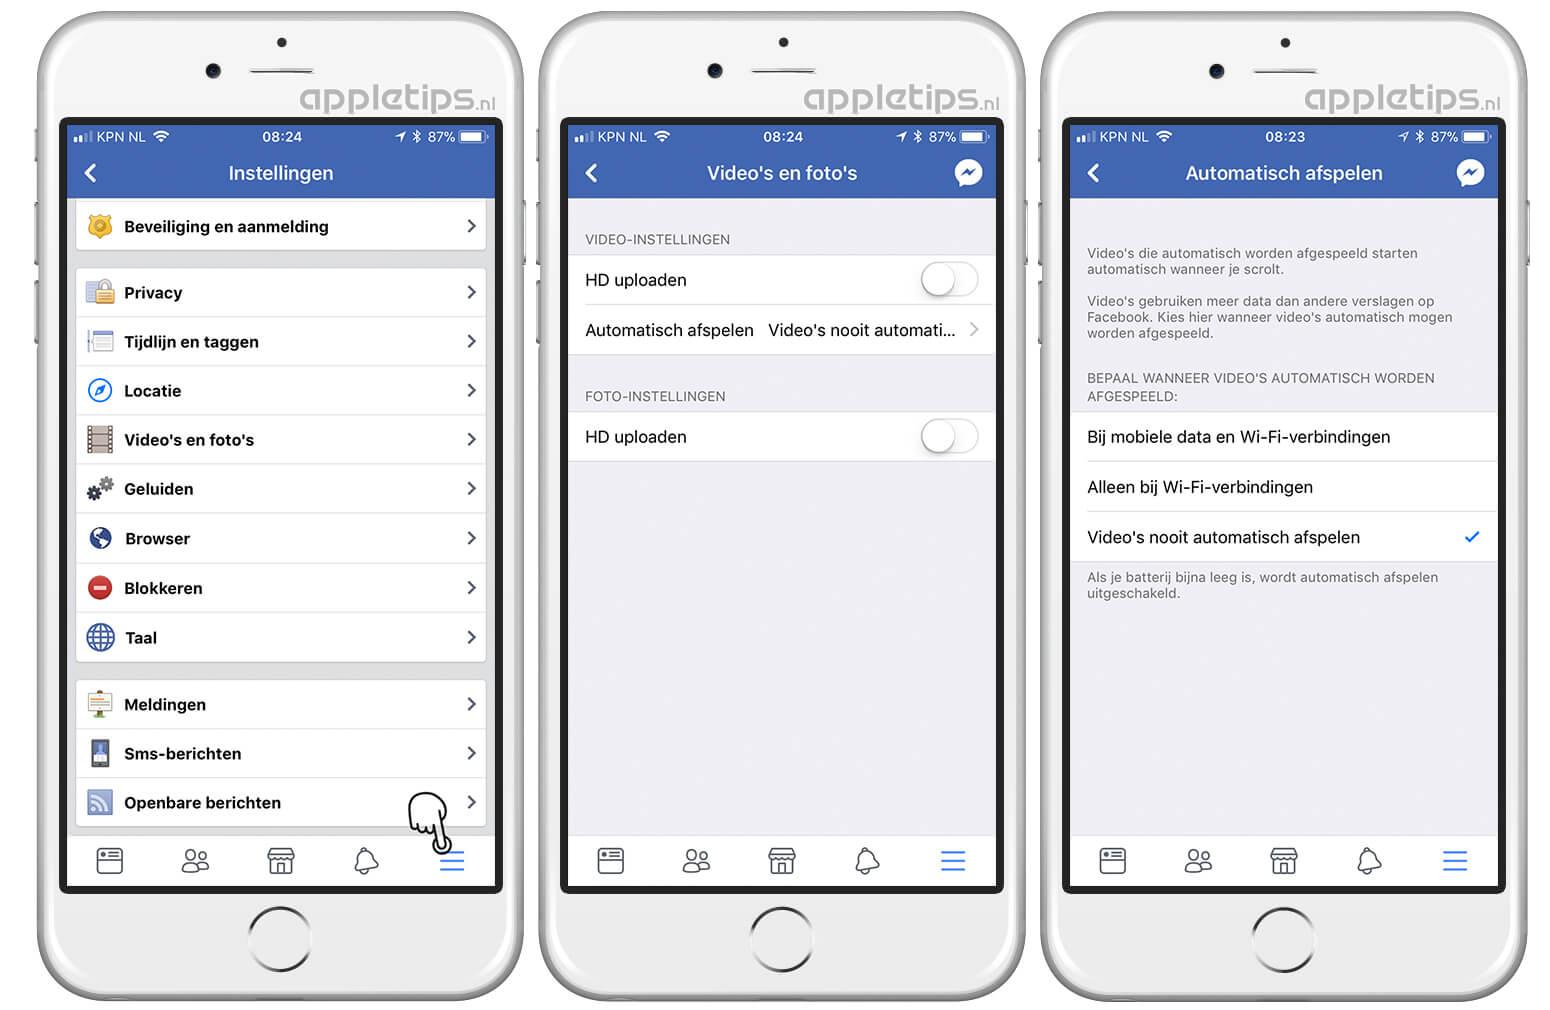 6b38562e137a37 Facebook: Het automatisch afspelen van video's uitschakelen - appletips